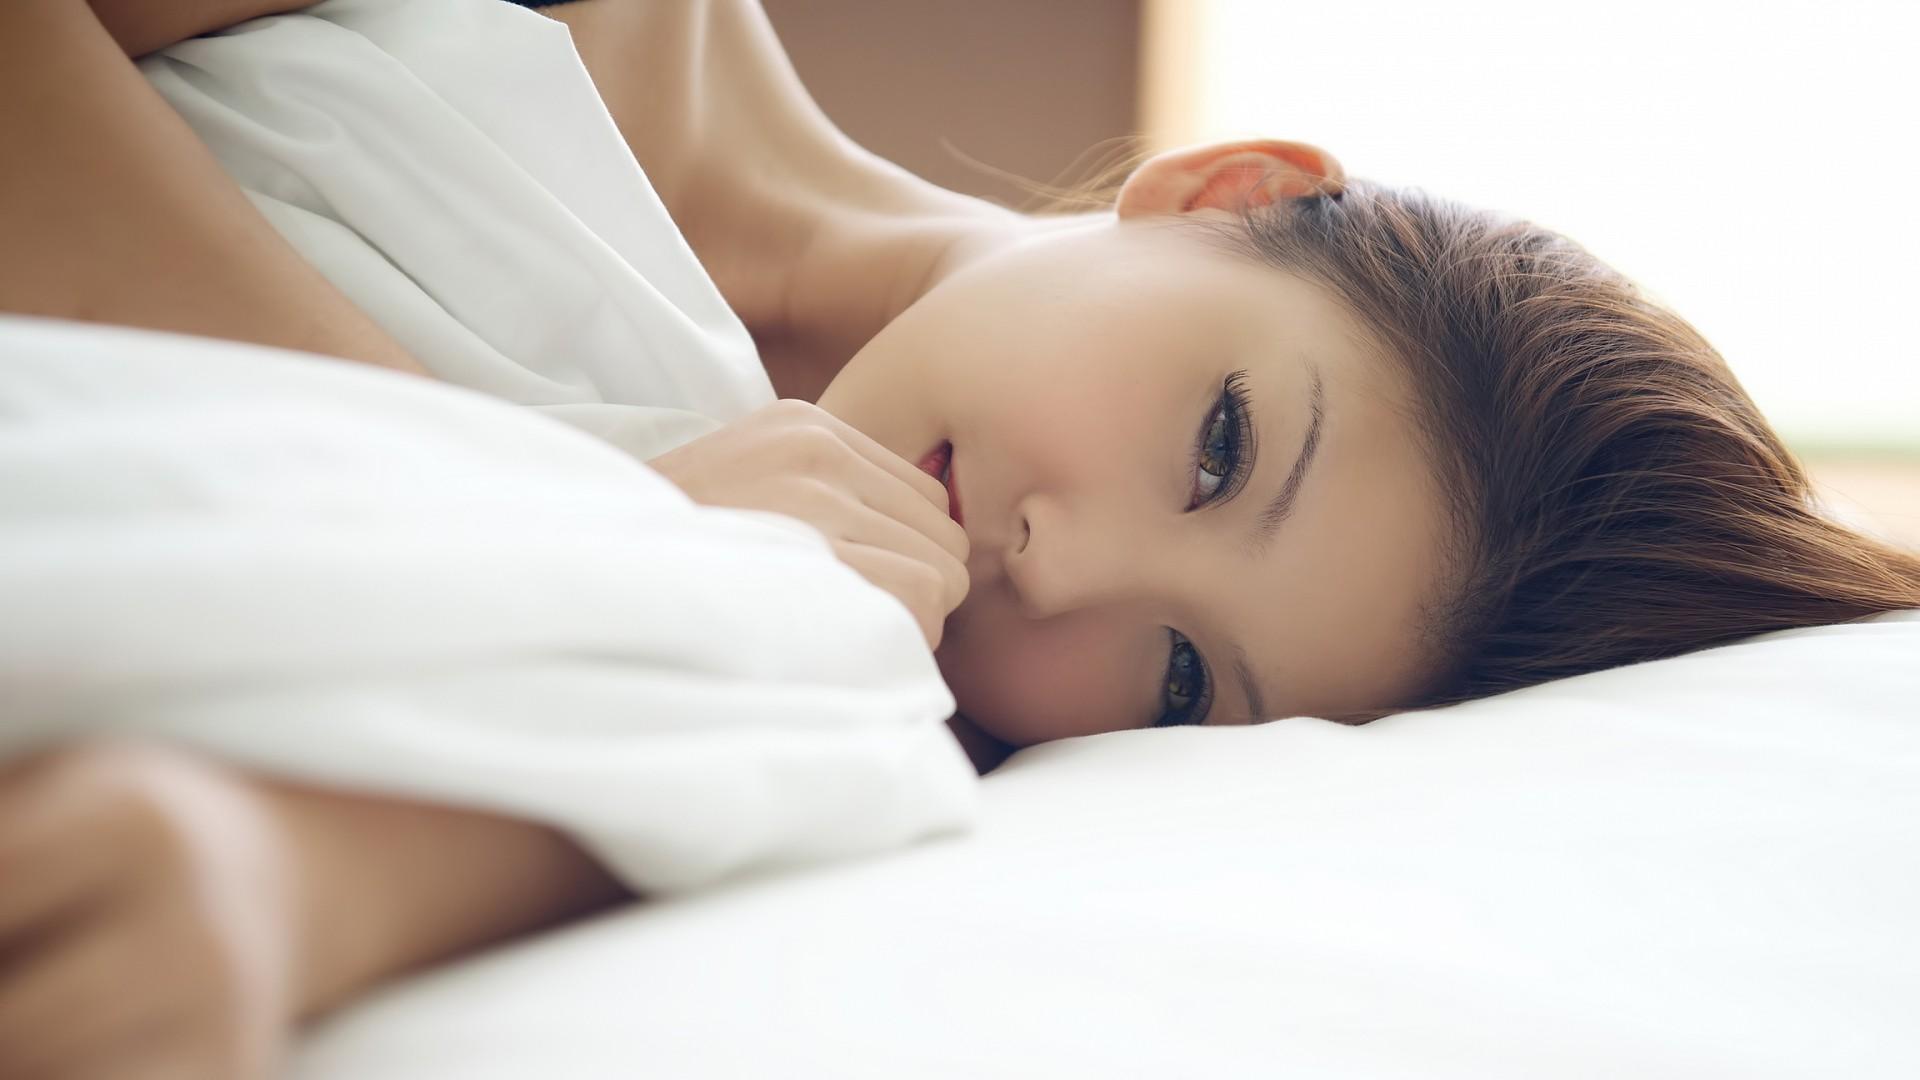 японки любовь в кровати была допущена бесплатнно